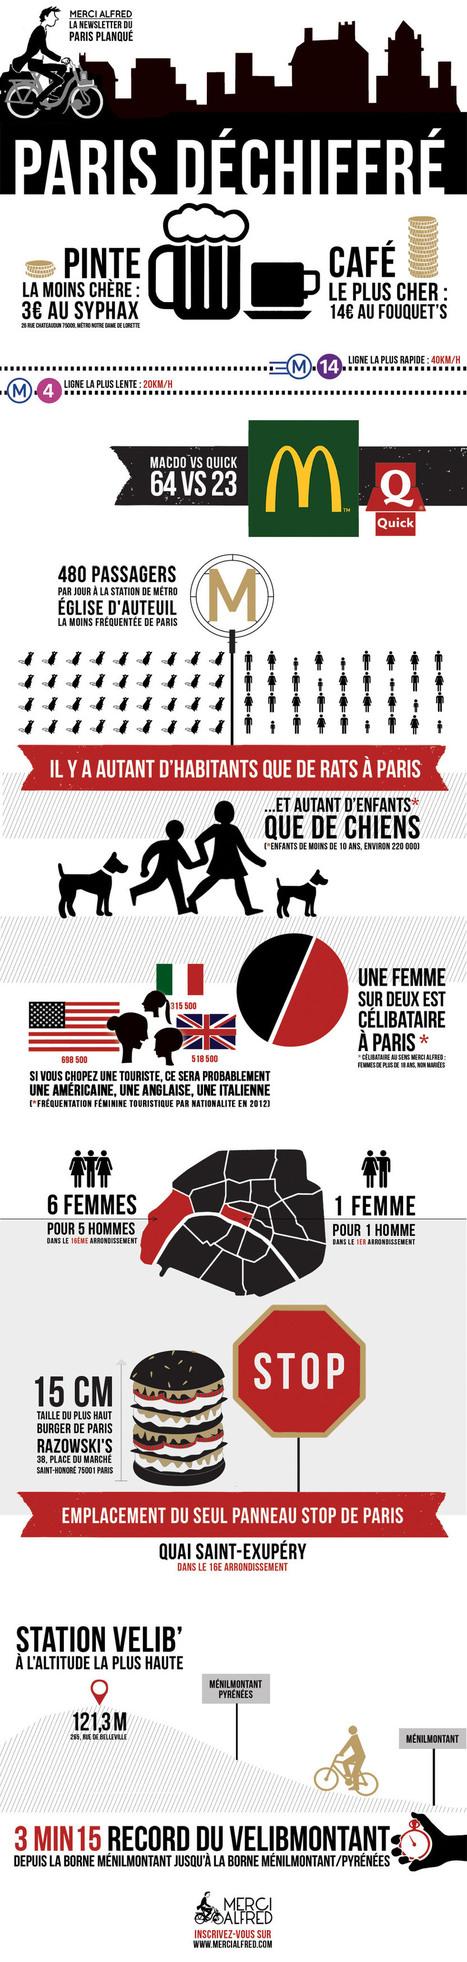 Paris Déchiffré - Merci Alfred | Infographics and inspirations | Scoop.it